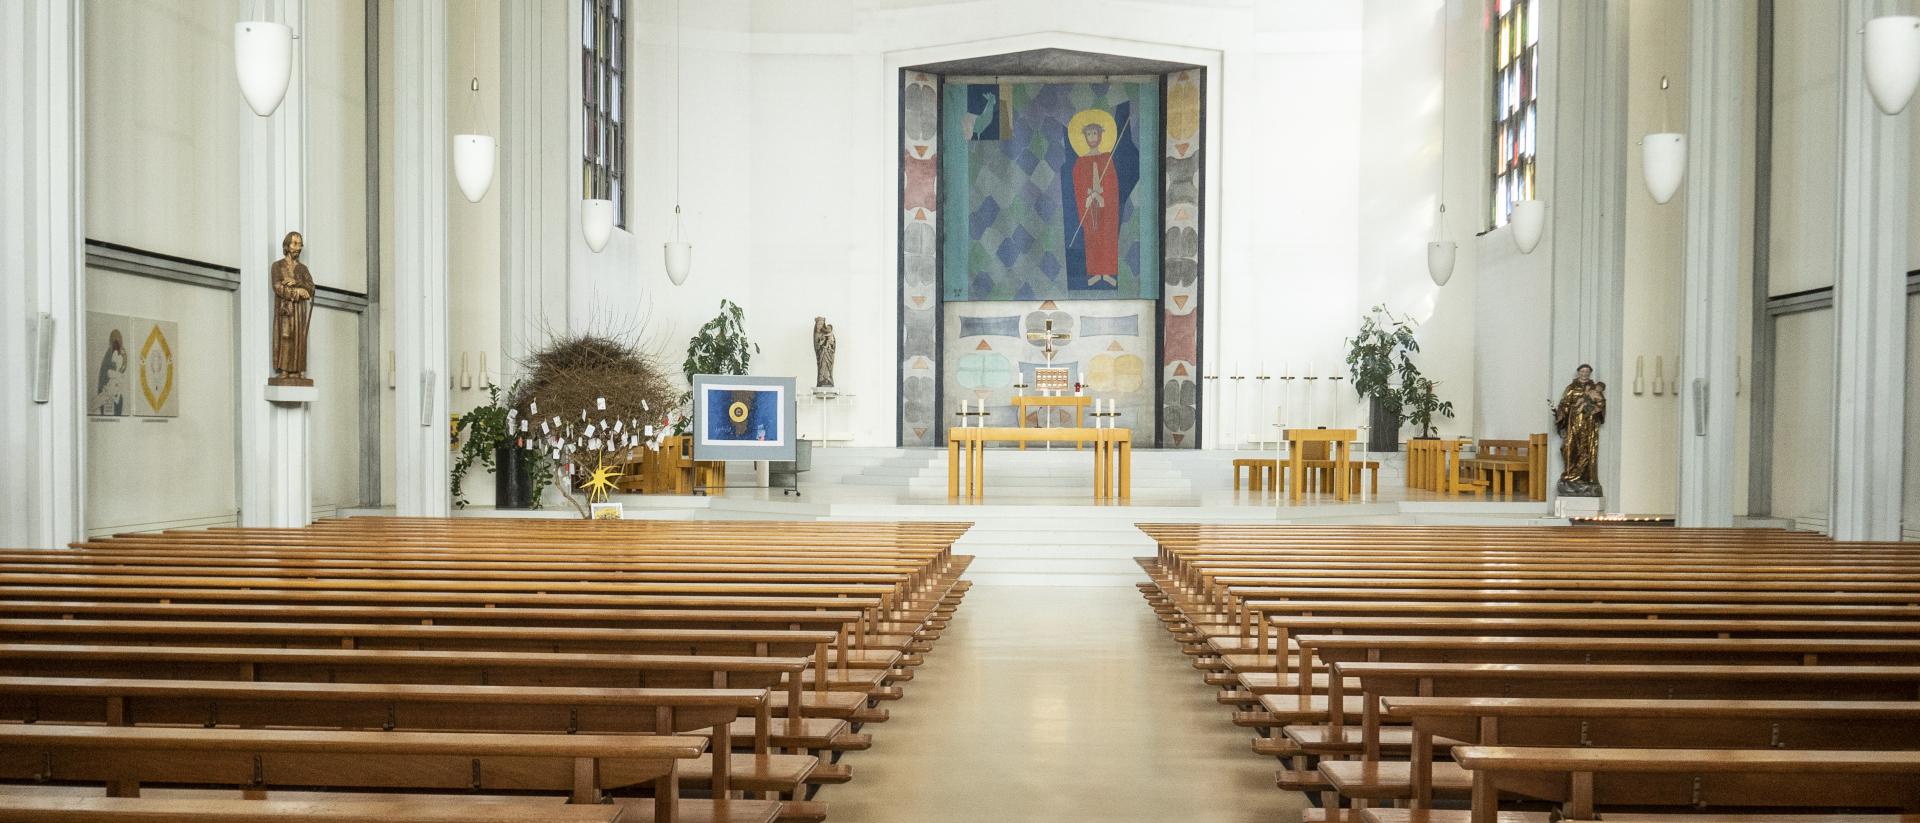 Das Innere der Kirche St Anton Wettingen.